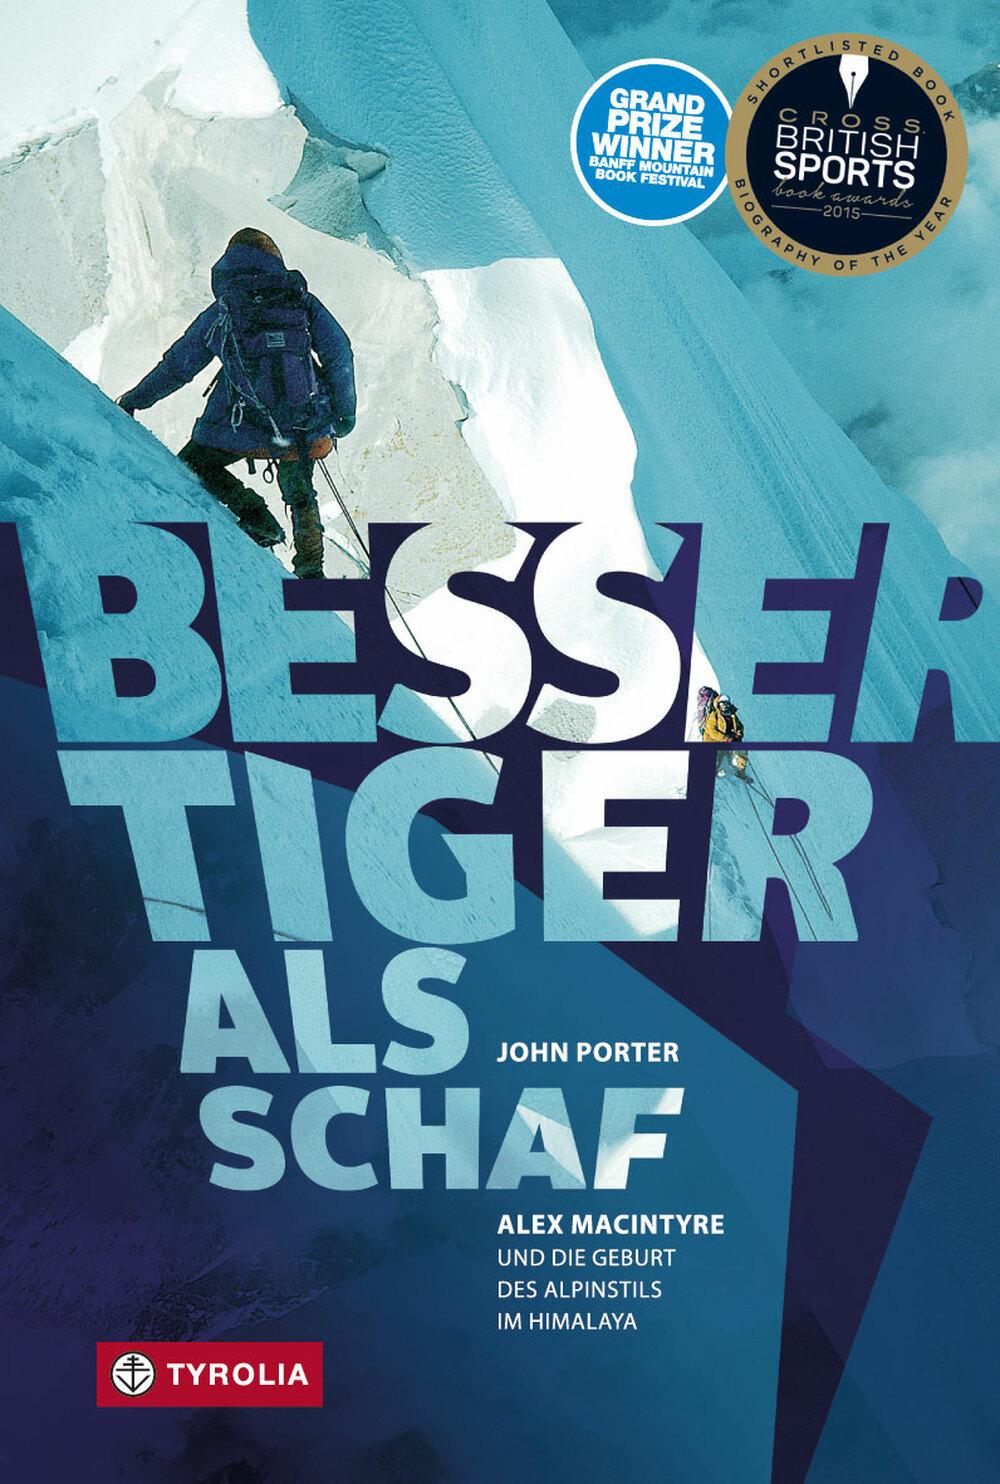 «Besser Tiger als Schaf. Alex MacIntyre und die Geburt des Alpinstils im Himalaya»